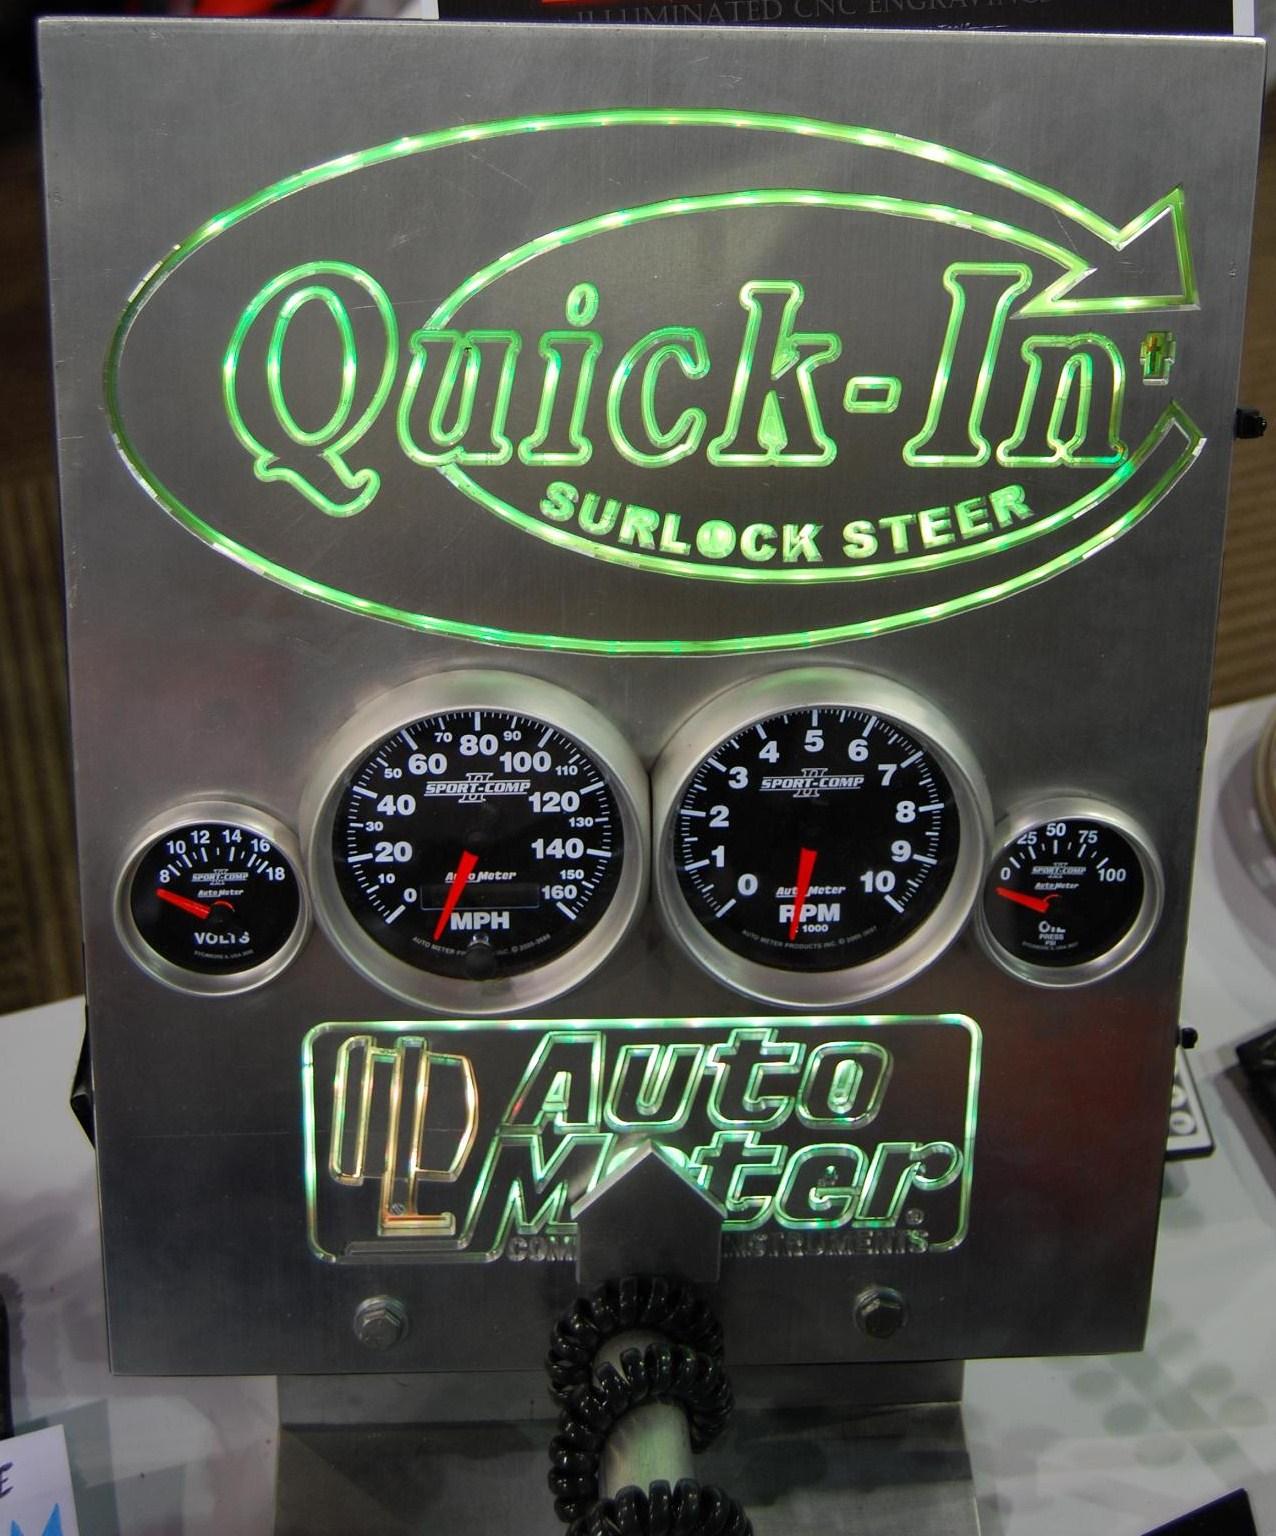 RJ42 Quick-In Surlock Steer Photo 04